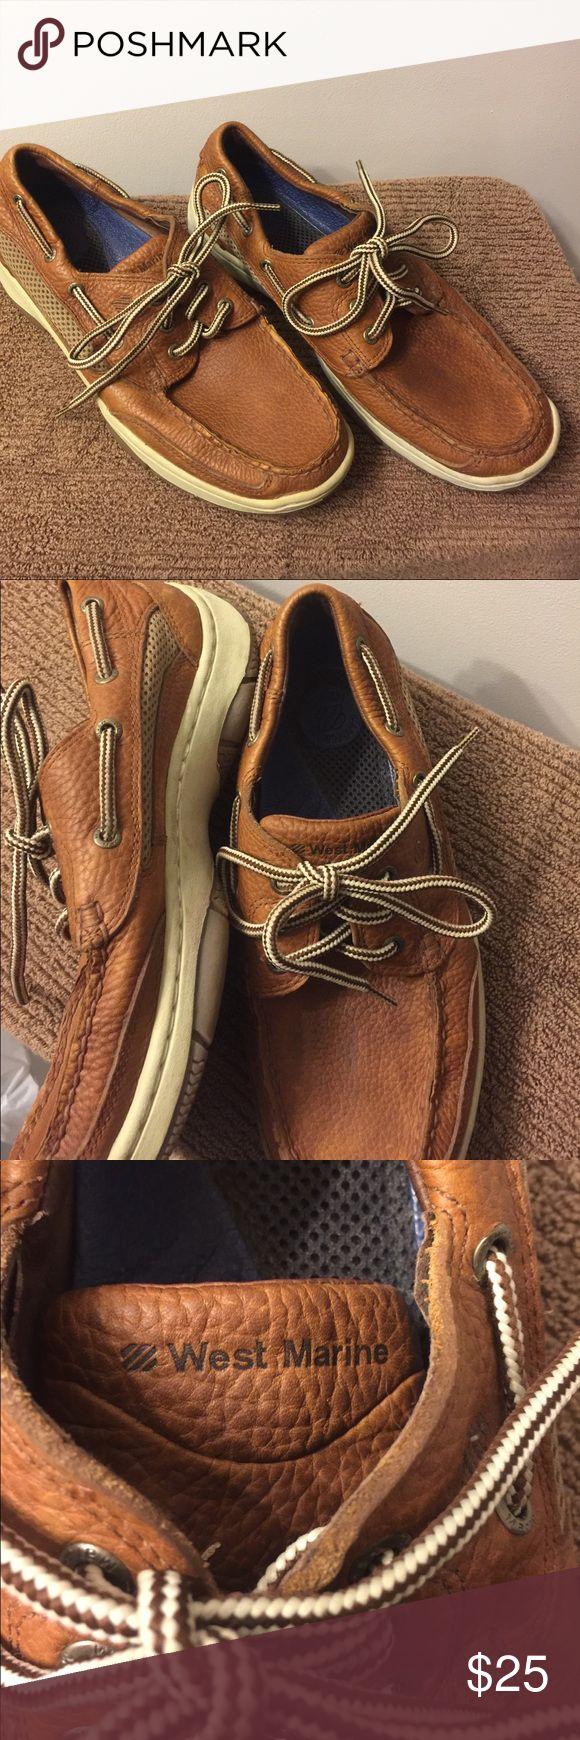 West Marine Dock Shoes Size 8 $25 West Marine Leather Dock Shoes Size 8 $25 West Marine Shoes Boat Shoes